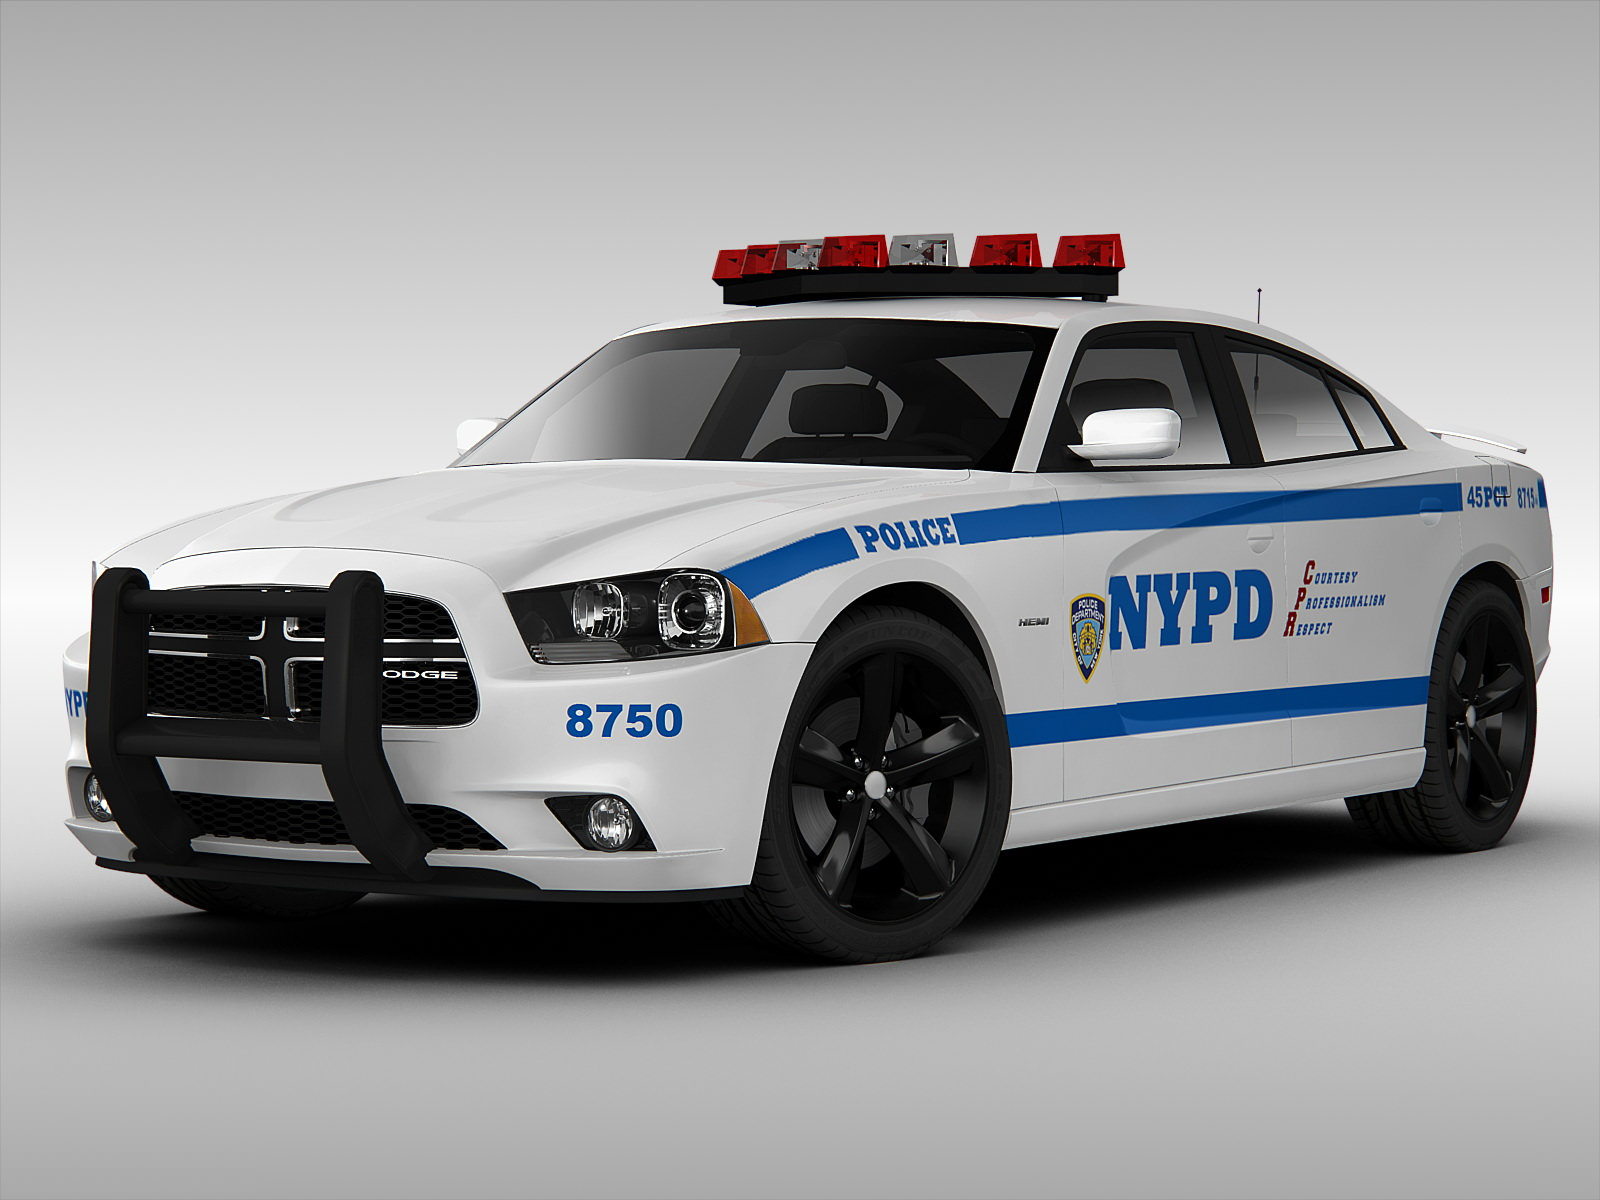 Dodge Challenger Interior >> Dodge Charger NYPD Police Car 2013 3D Model MAX OBJ 3DS FBX | CGTrader.com